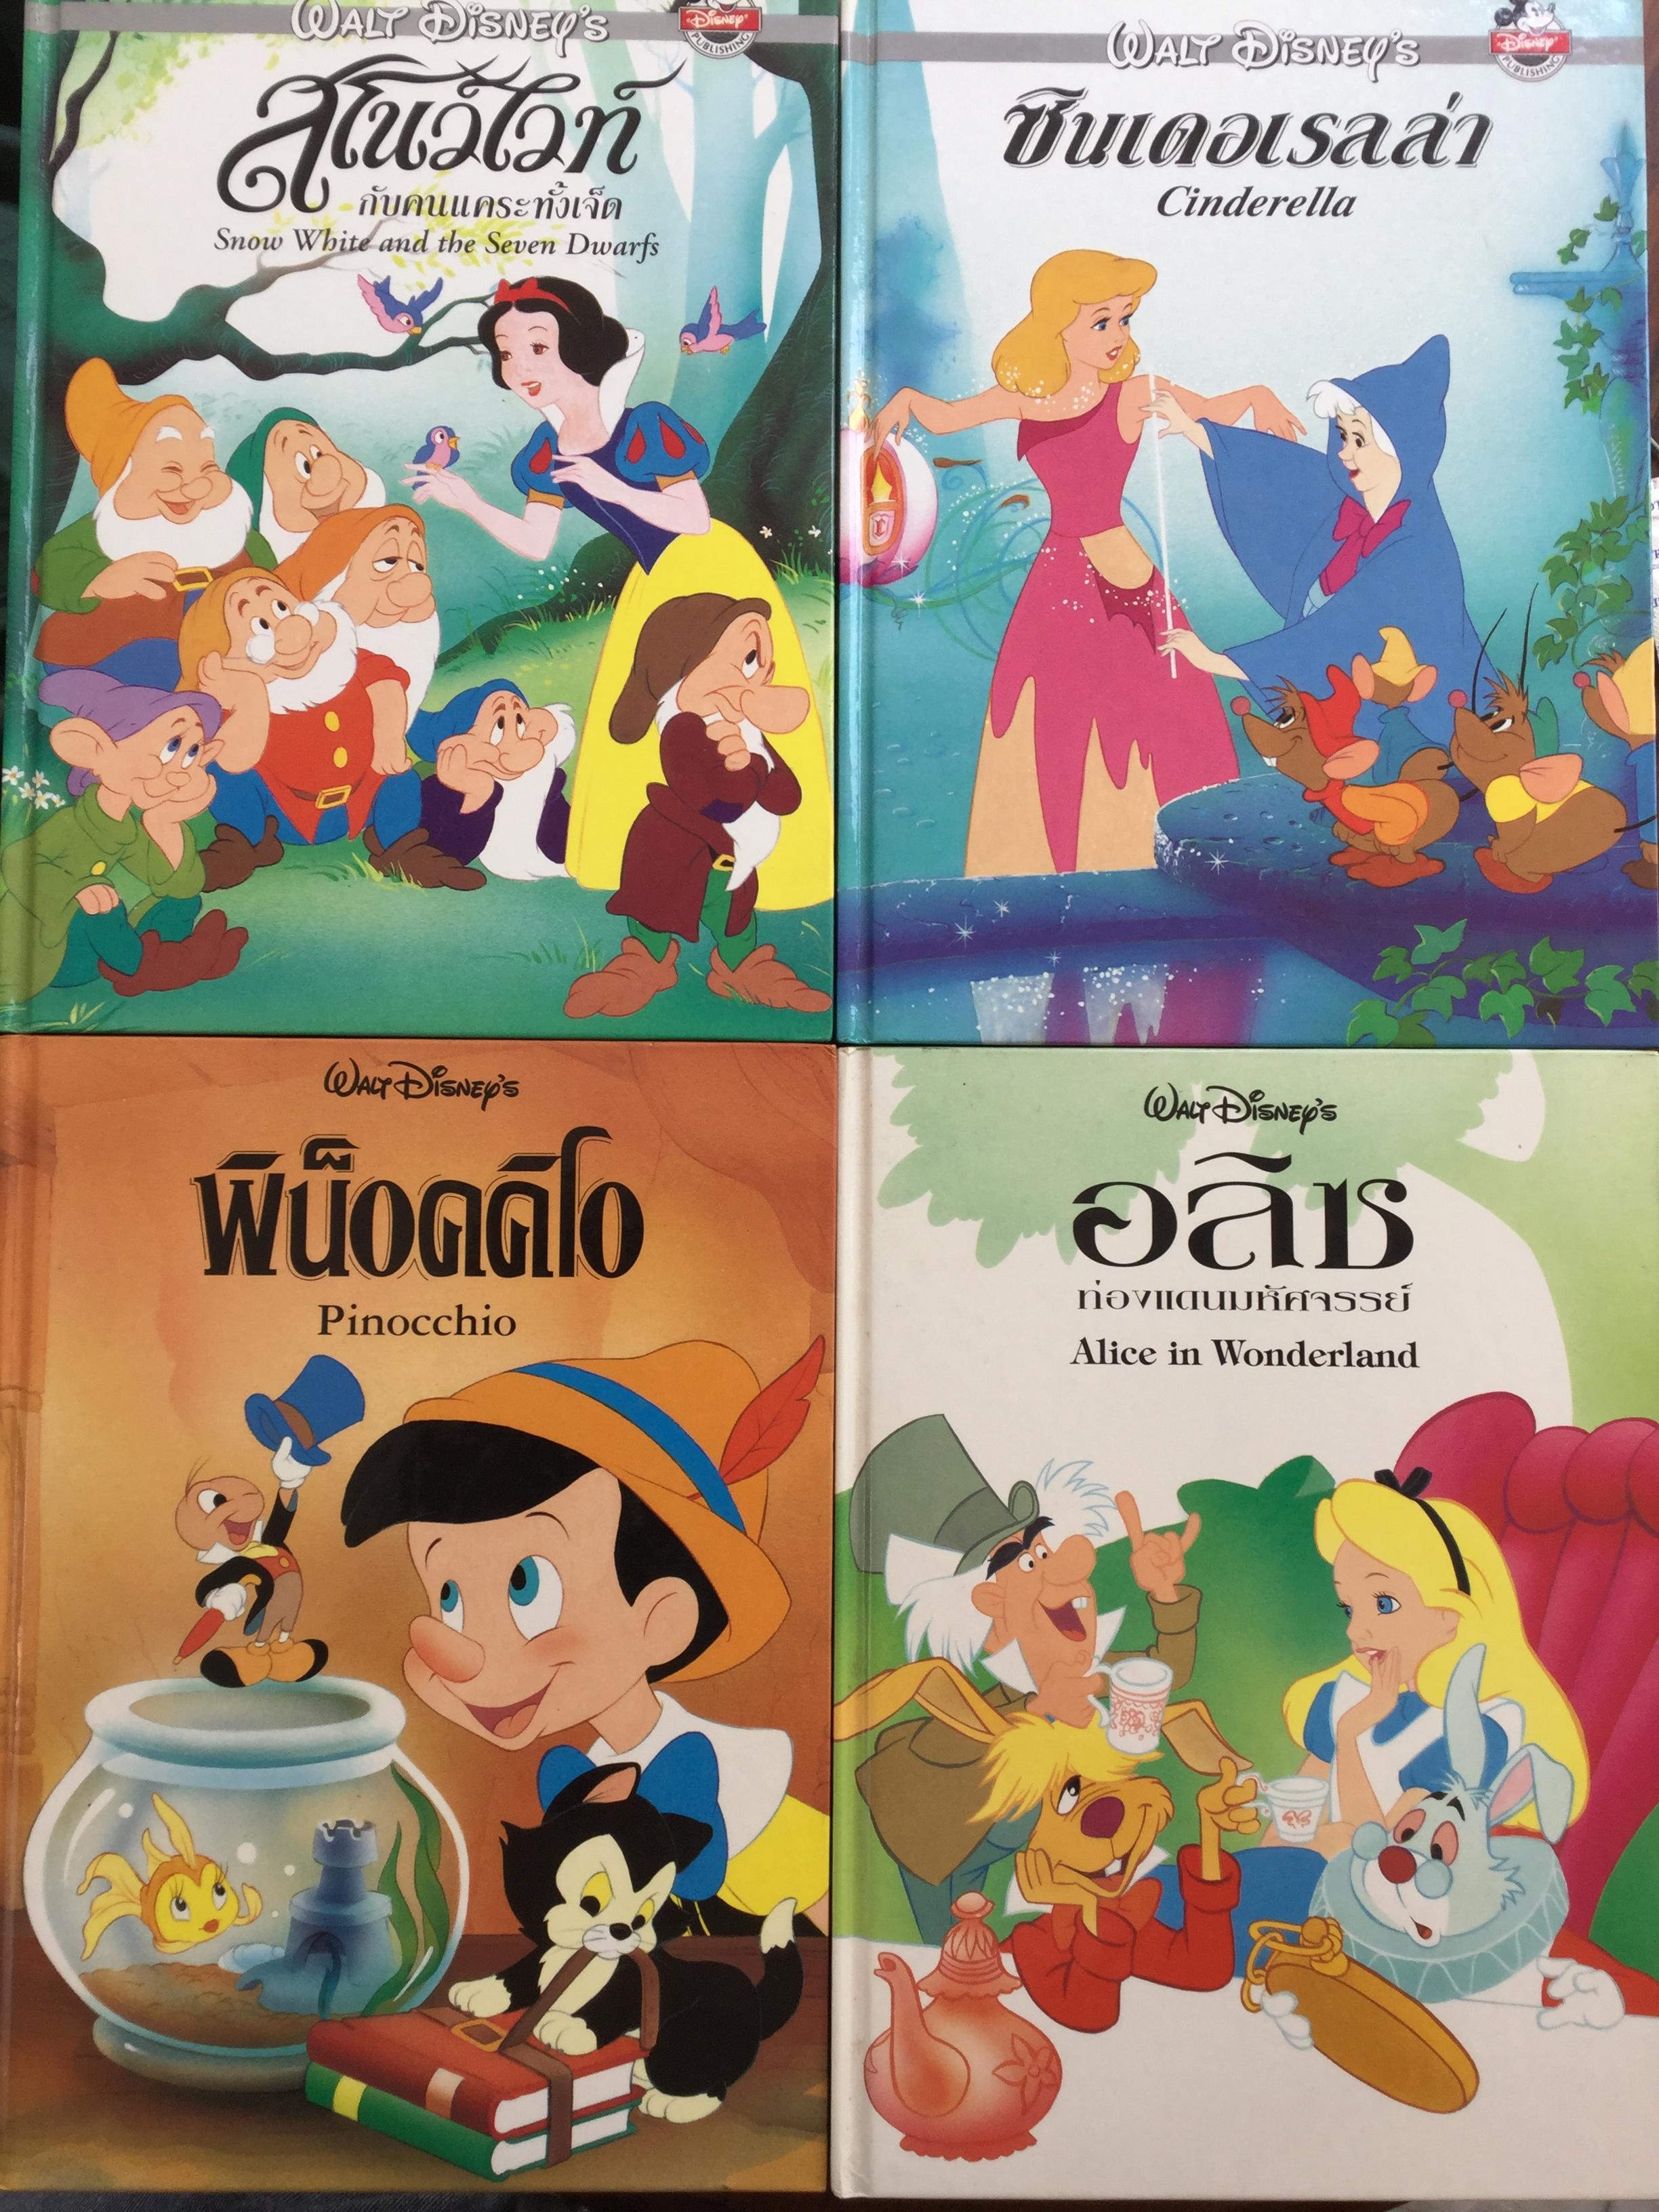 หนังสือการ์ตูน Walt Disney's รวม4 เล่ม 1) สโนไวท์กับคนแคระทั้งเจ็ด 2)ซินเดลเรลล่า 3) พิน็อคคิโอ 4) อลิซท่องแดนมหัศจรรย์ 5) Tissue Paper Flowers good enough to fool bees by the editors of Klutz รวม5 เล่ม